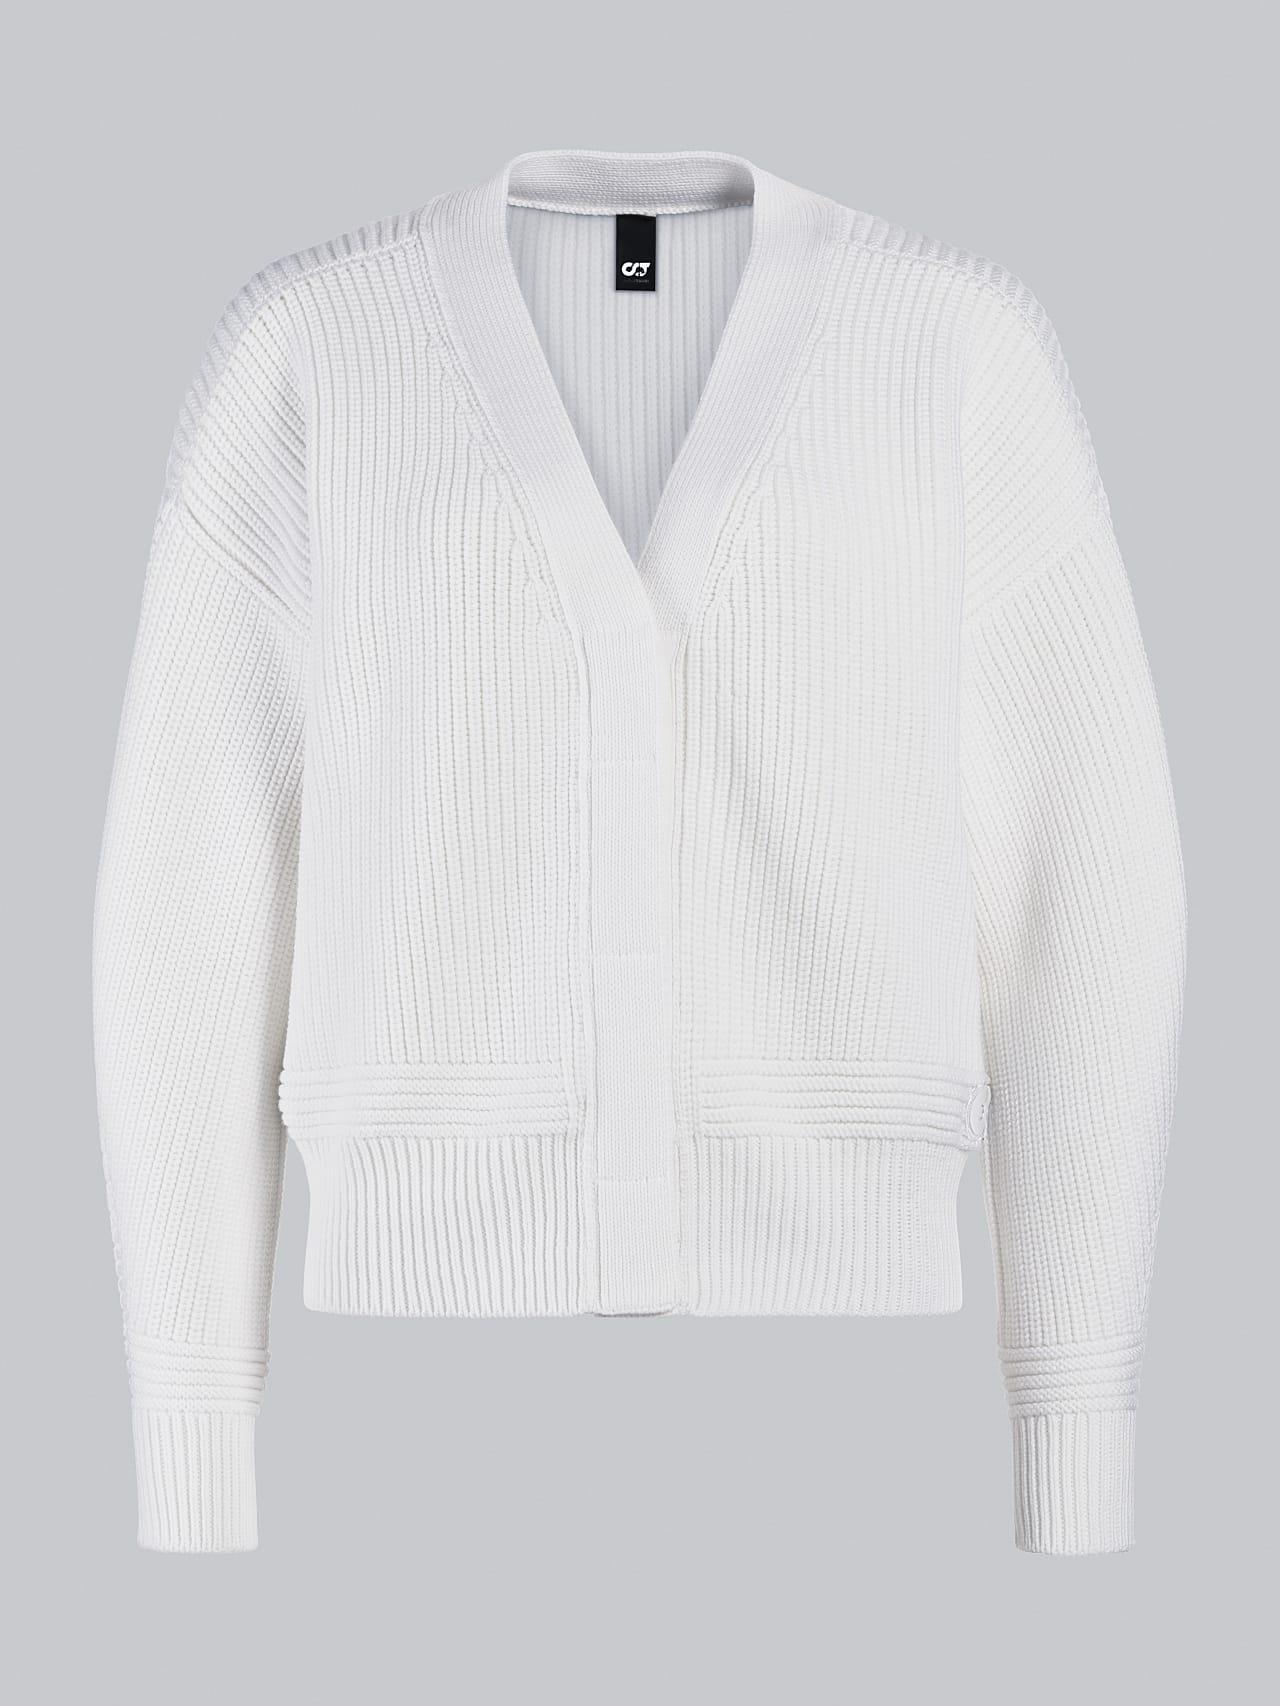 FREDA V1.Y5.02 Chunky Merino Wool Cardigan offwhite Back Alpha Tauri